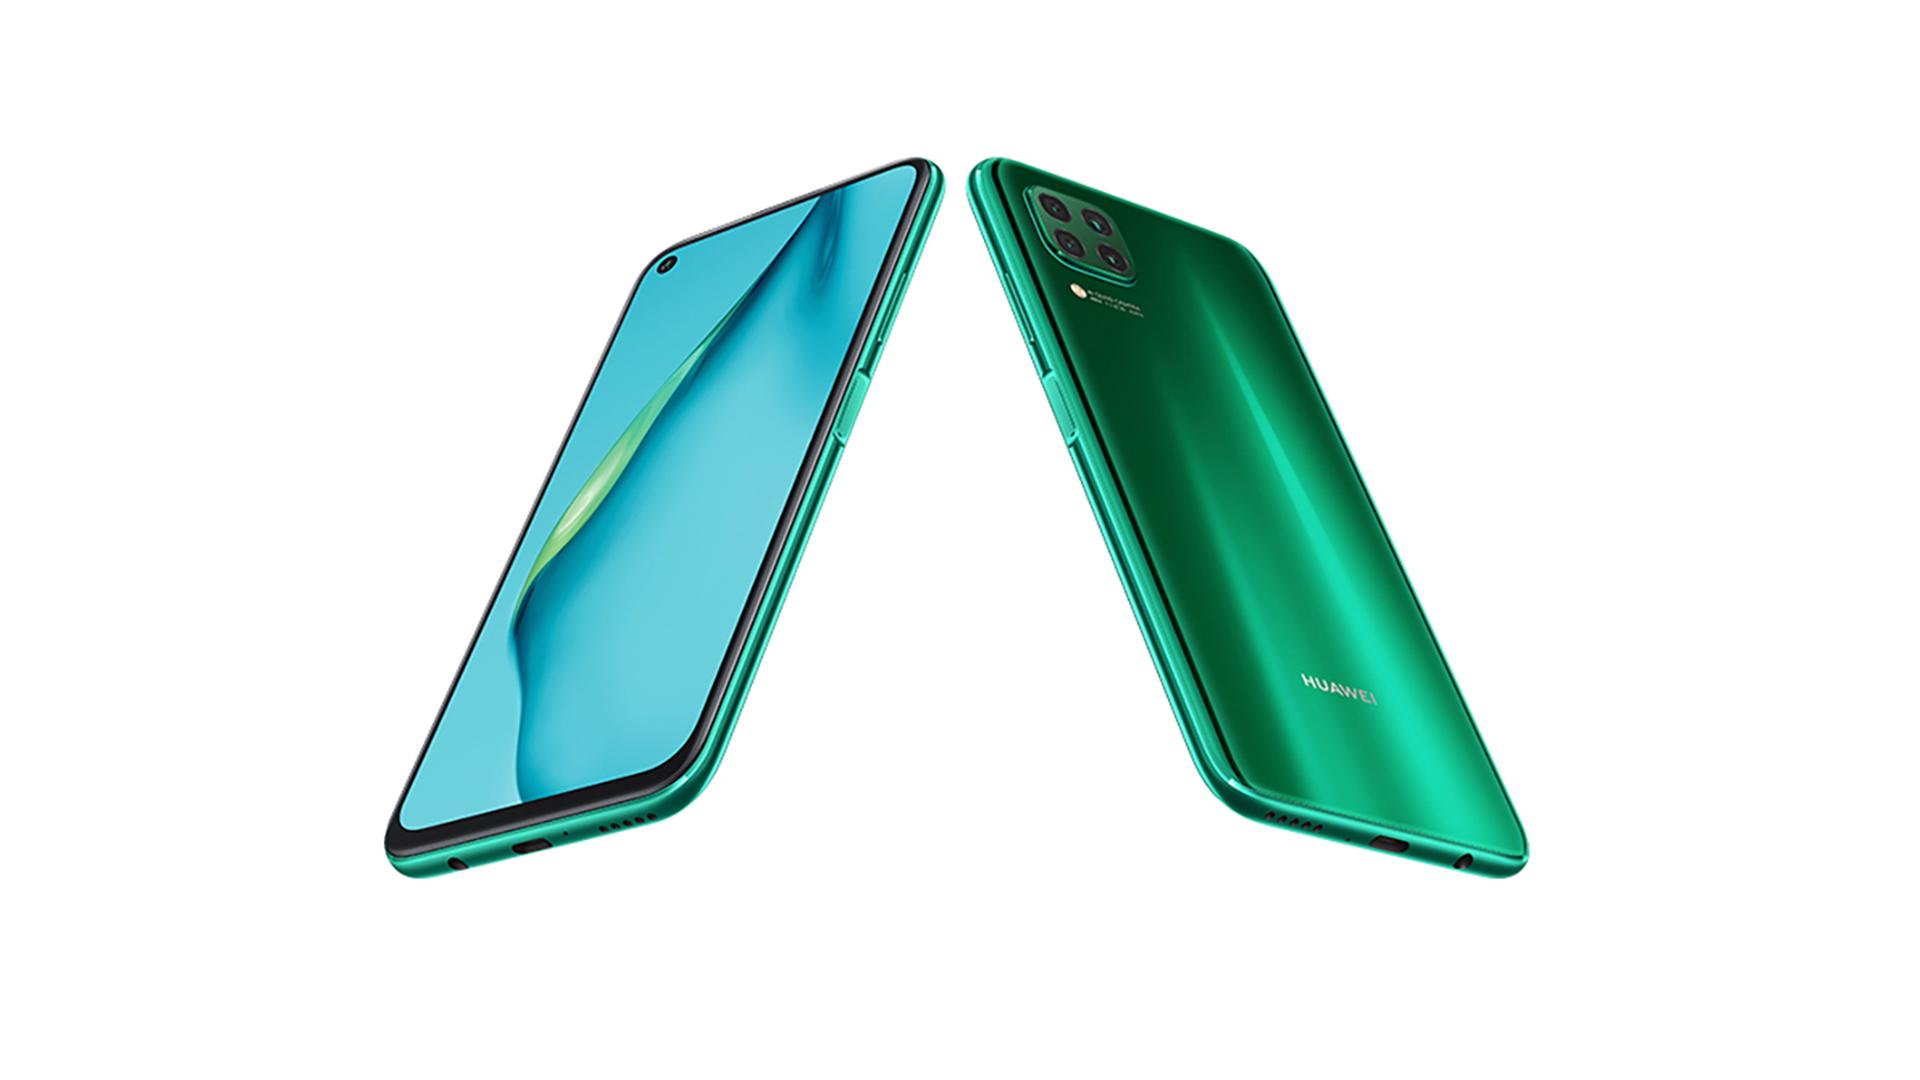 Huawei P40 lite : le meilleur de la photo à moins de 300 euros